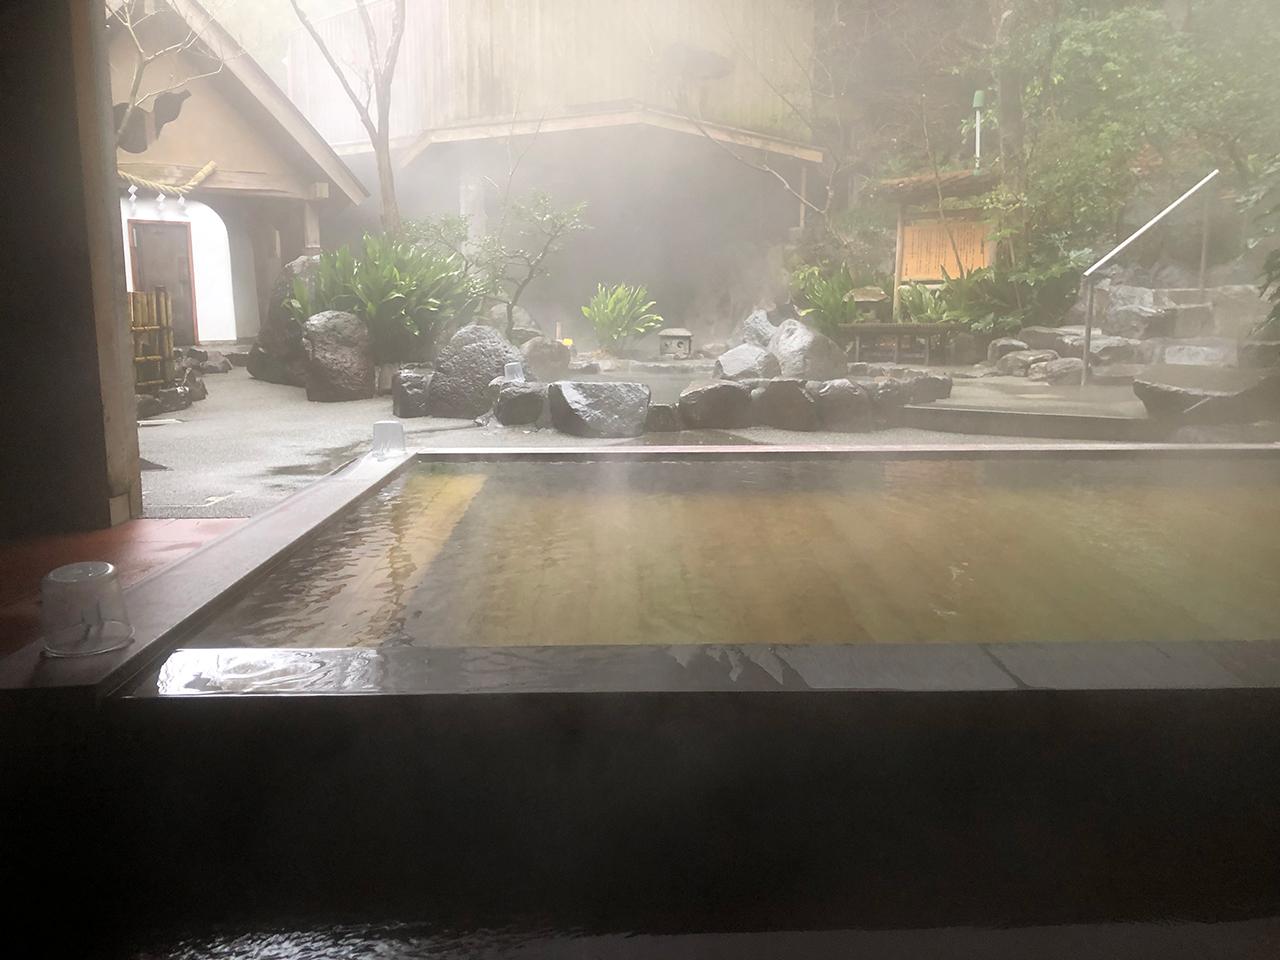 箱根湯本温泉〈天山湯治郷〉の浴場